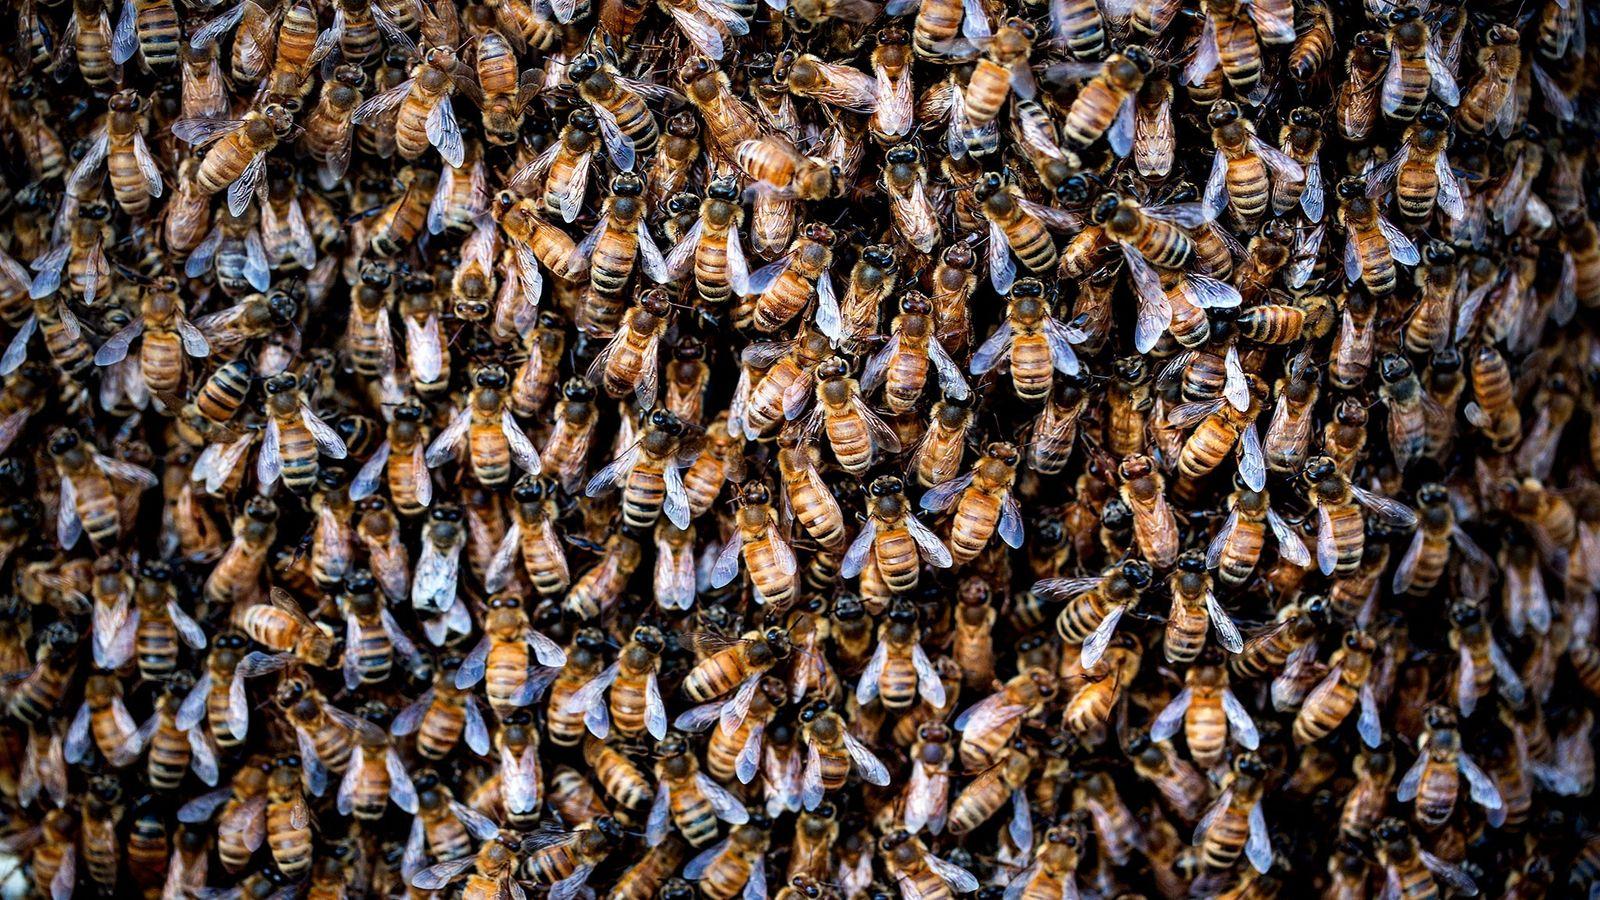 Des abeilles à miel se pressent à l'extérieur de leur ruche. Selon une nouvelle étude, aux ...